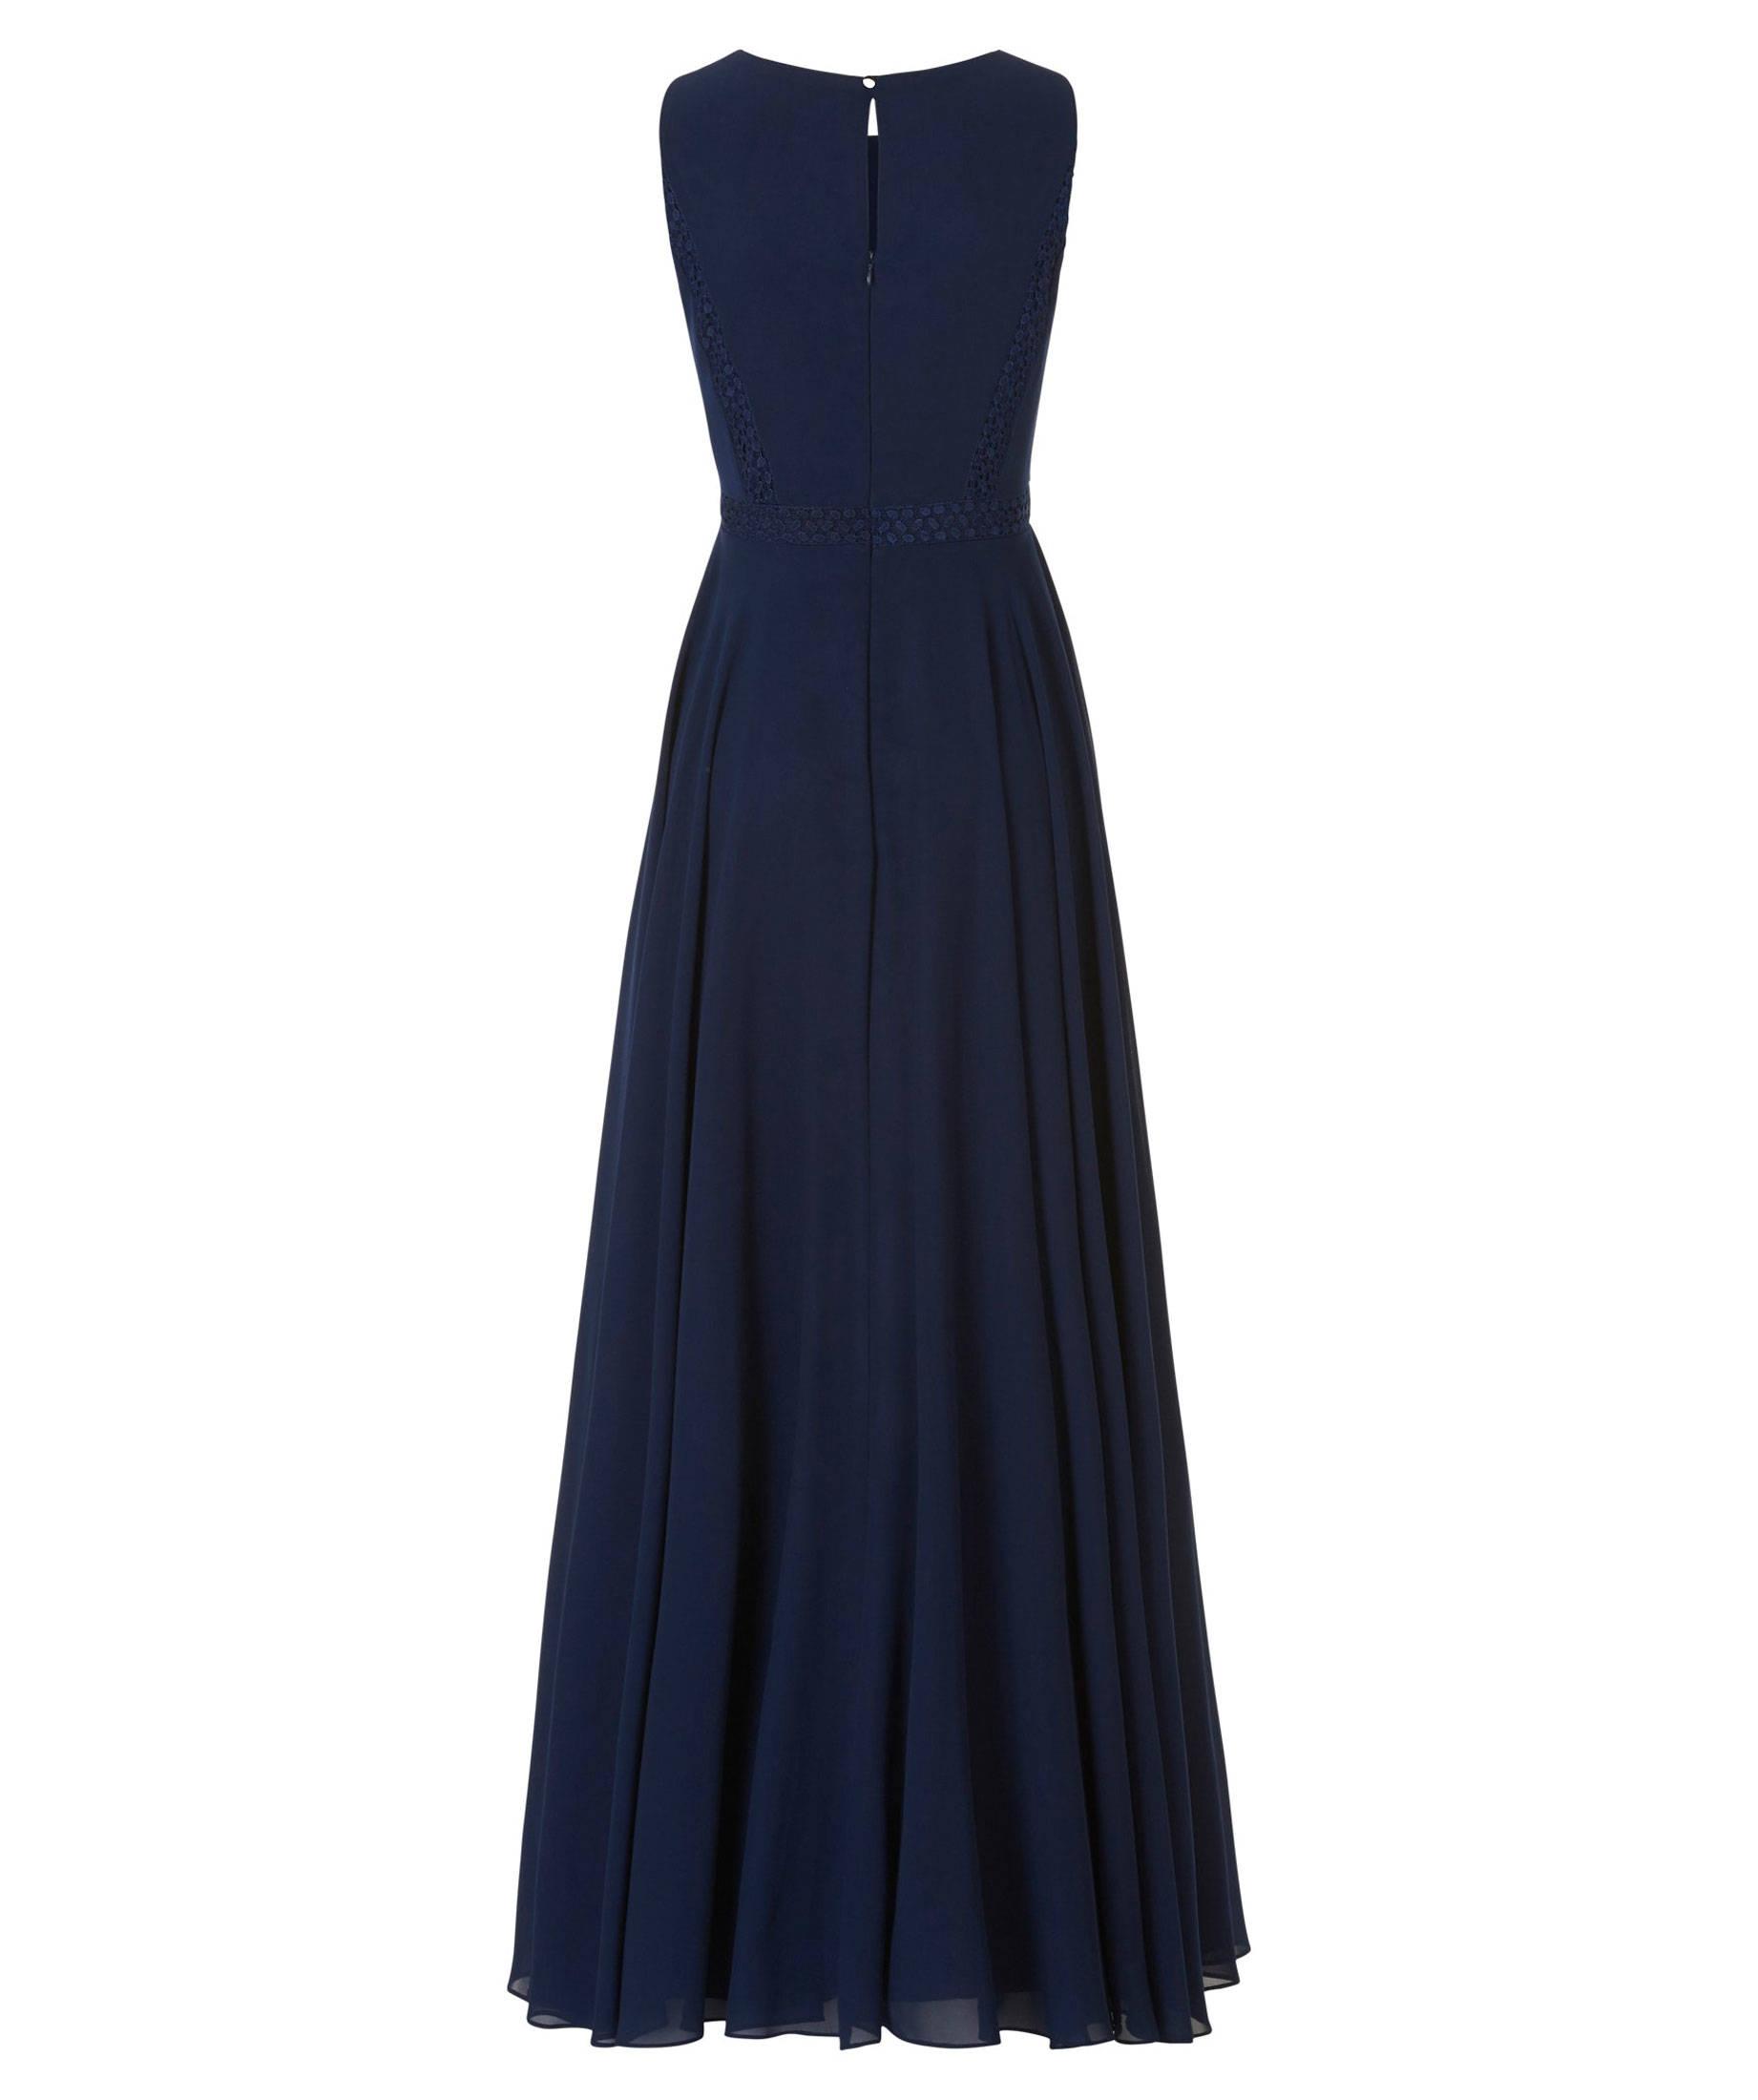 Vera Mont Damen Kleid | engelhorn